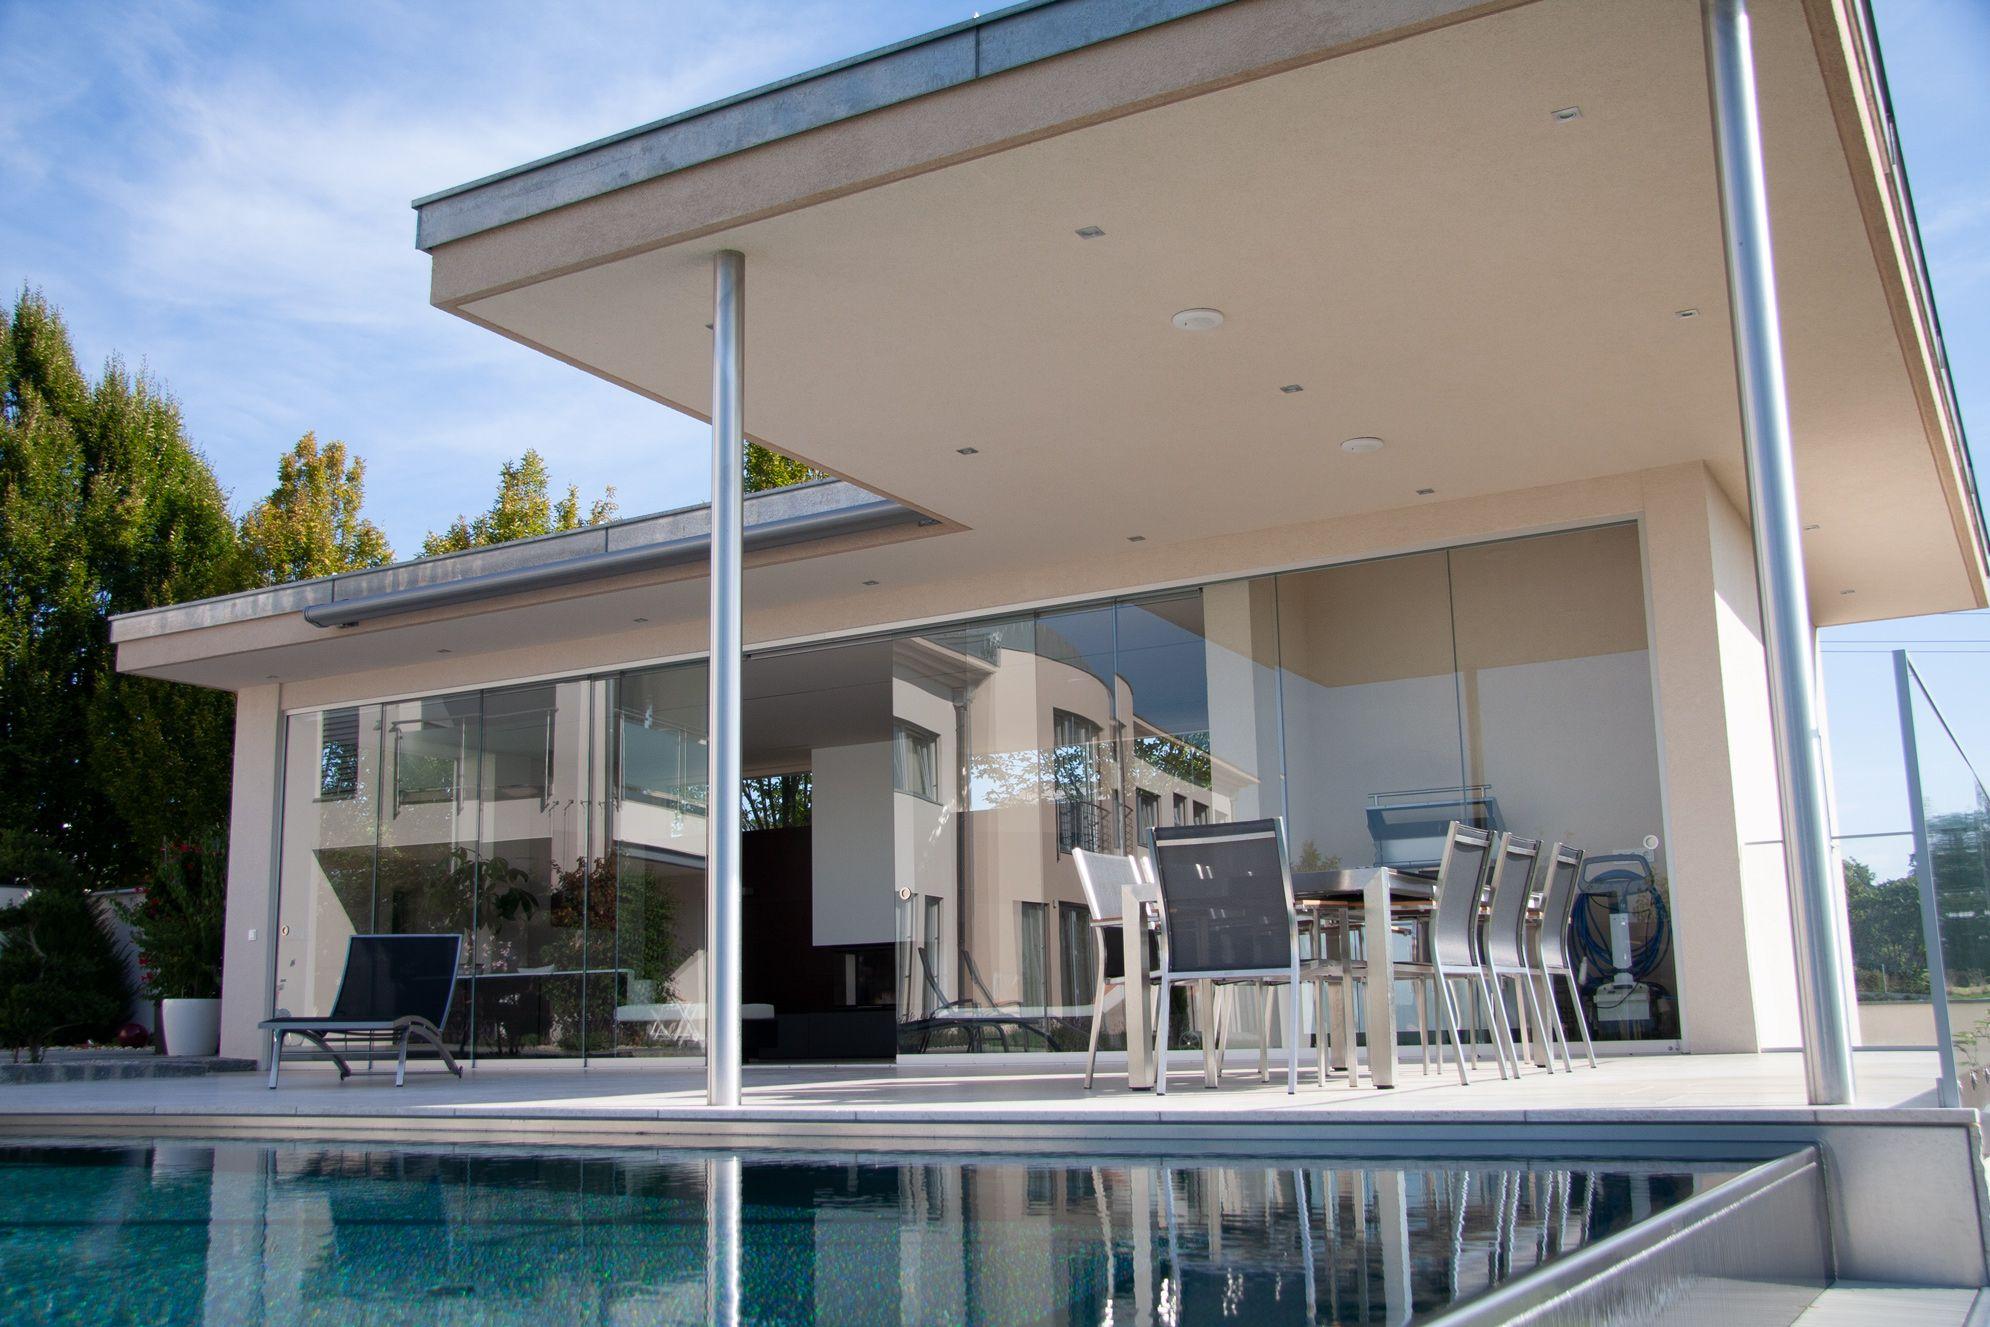 Glasschiebetüren Außen Preis | Verglasungen // Balkon, Terrasse